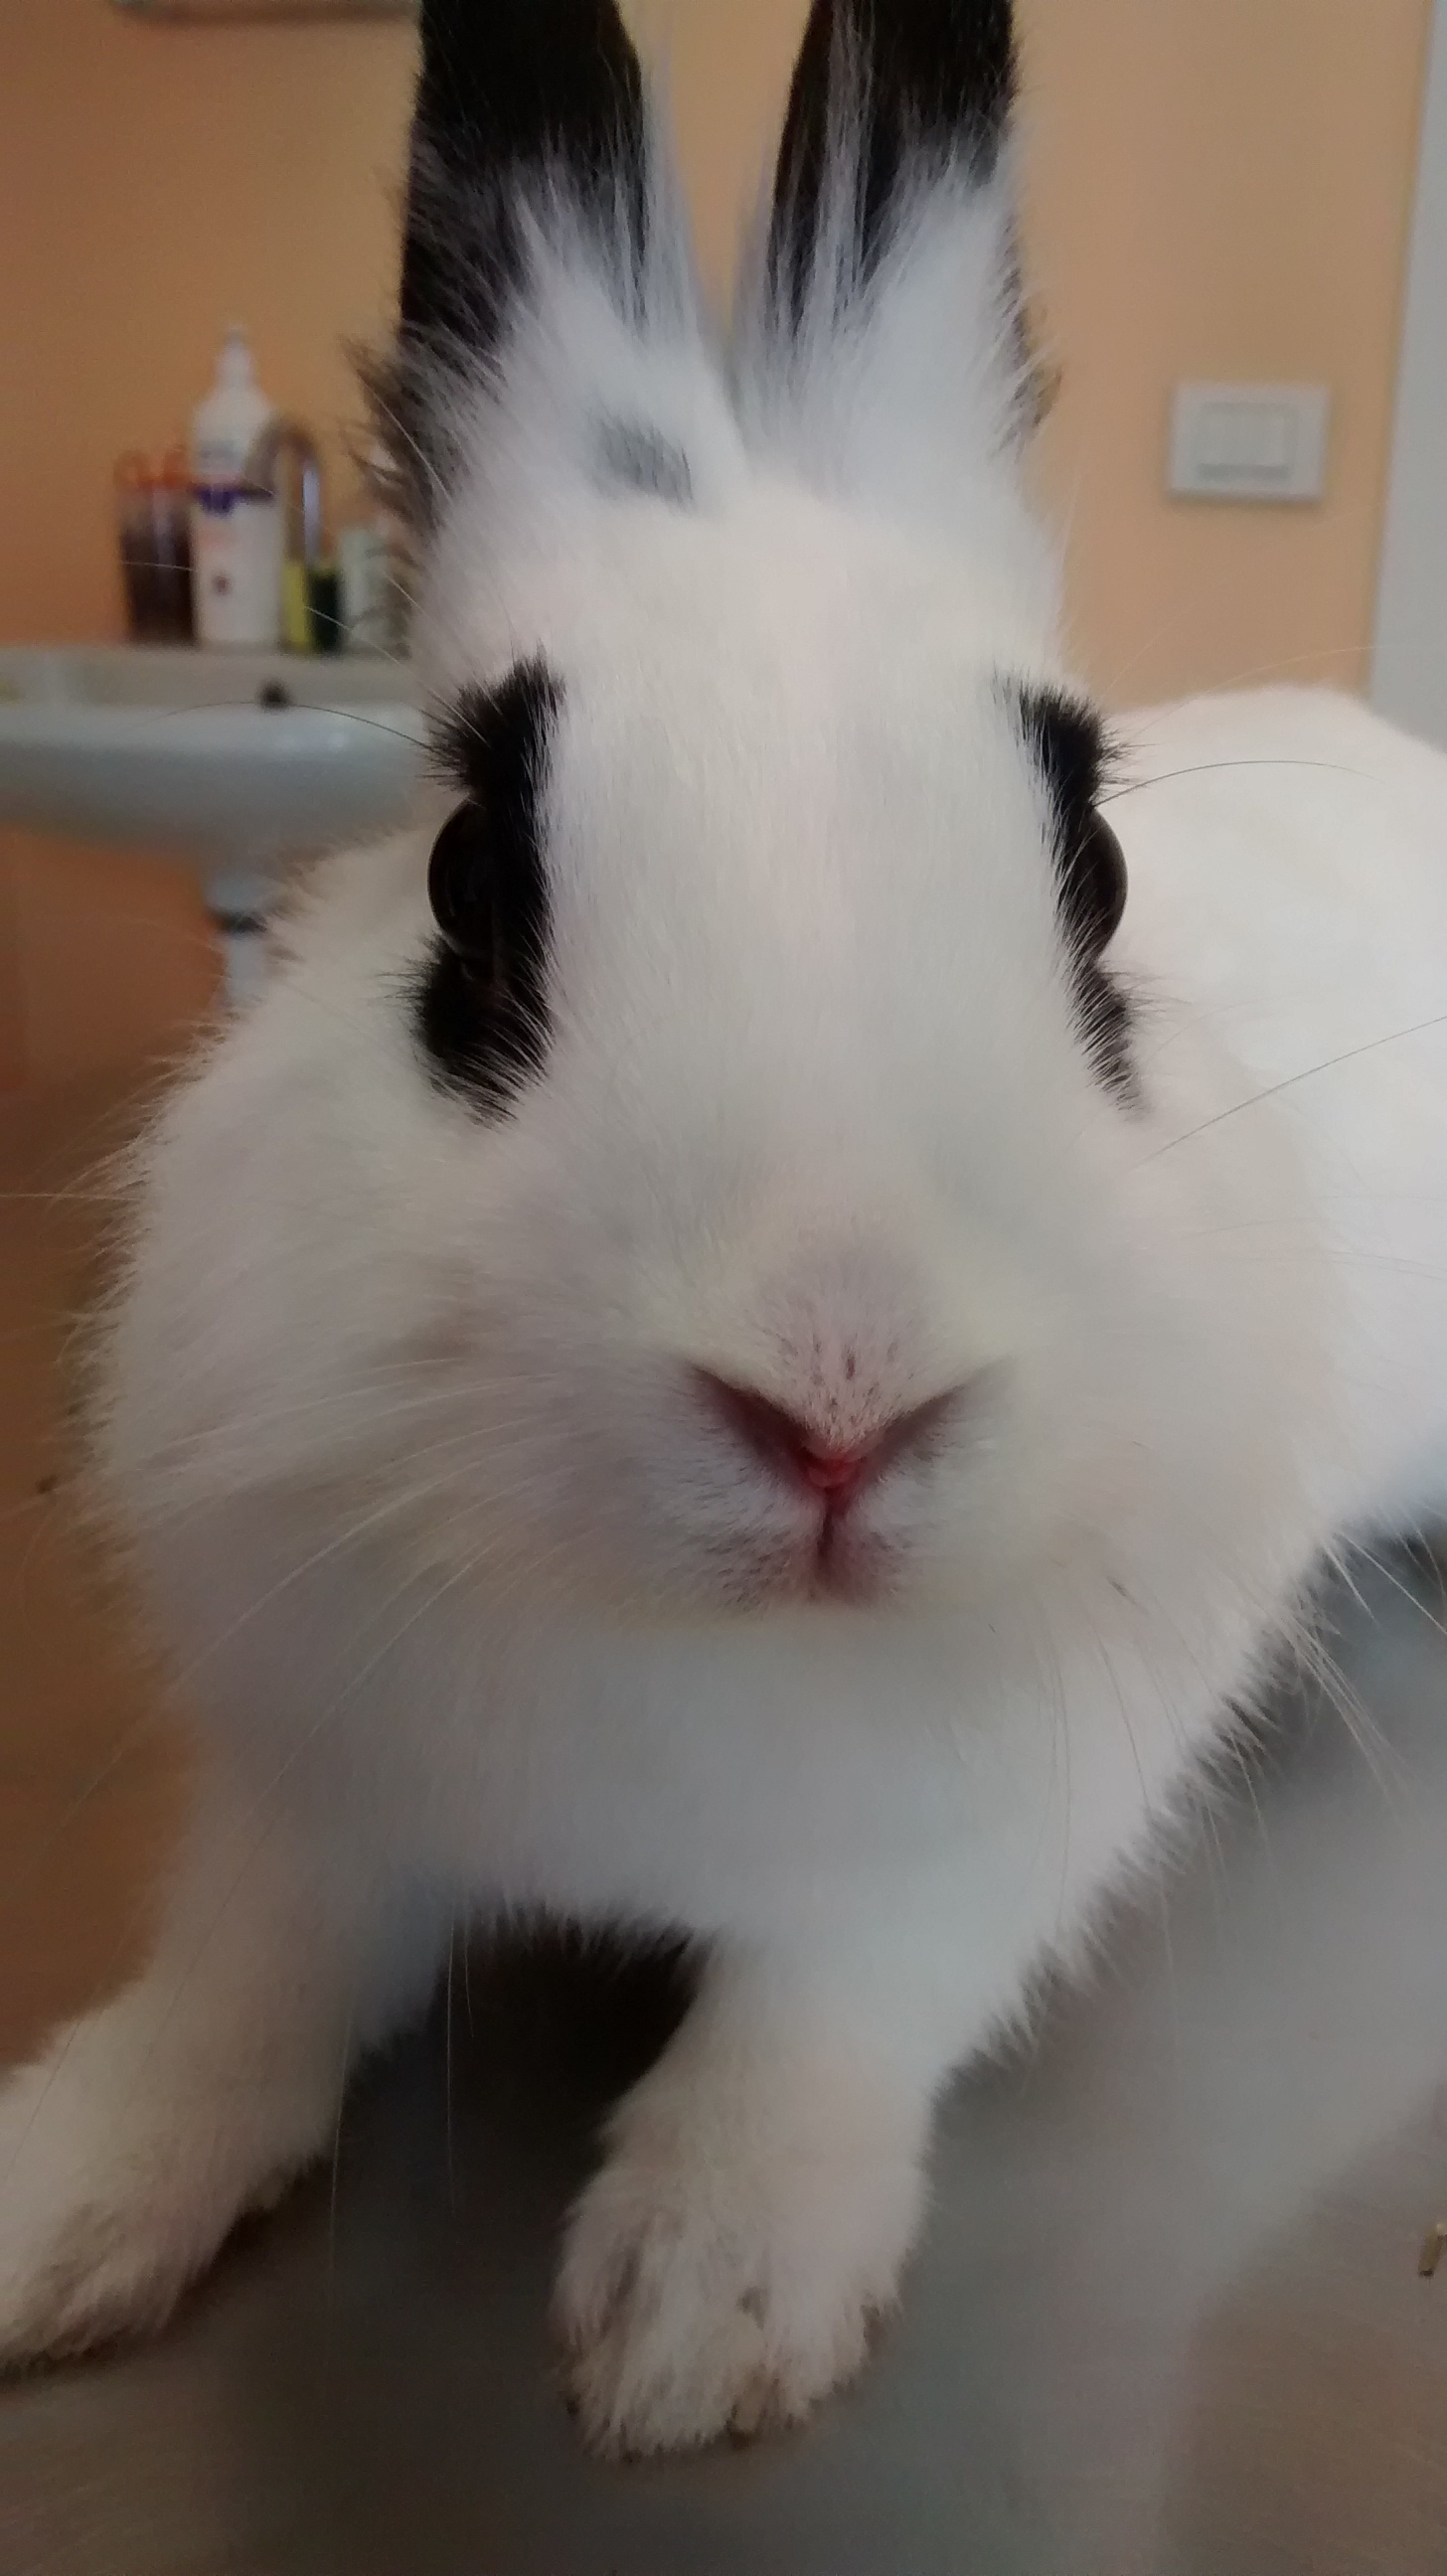 Coniglietta budino